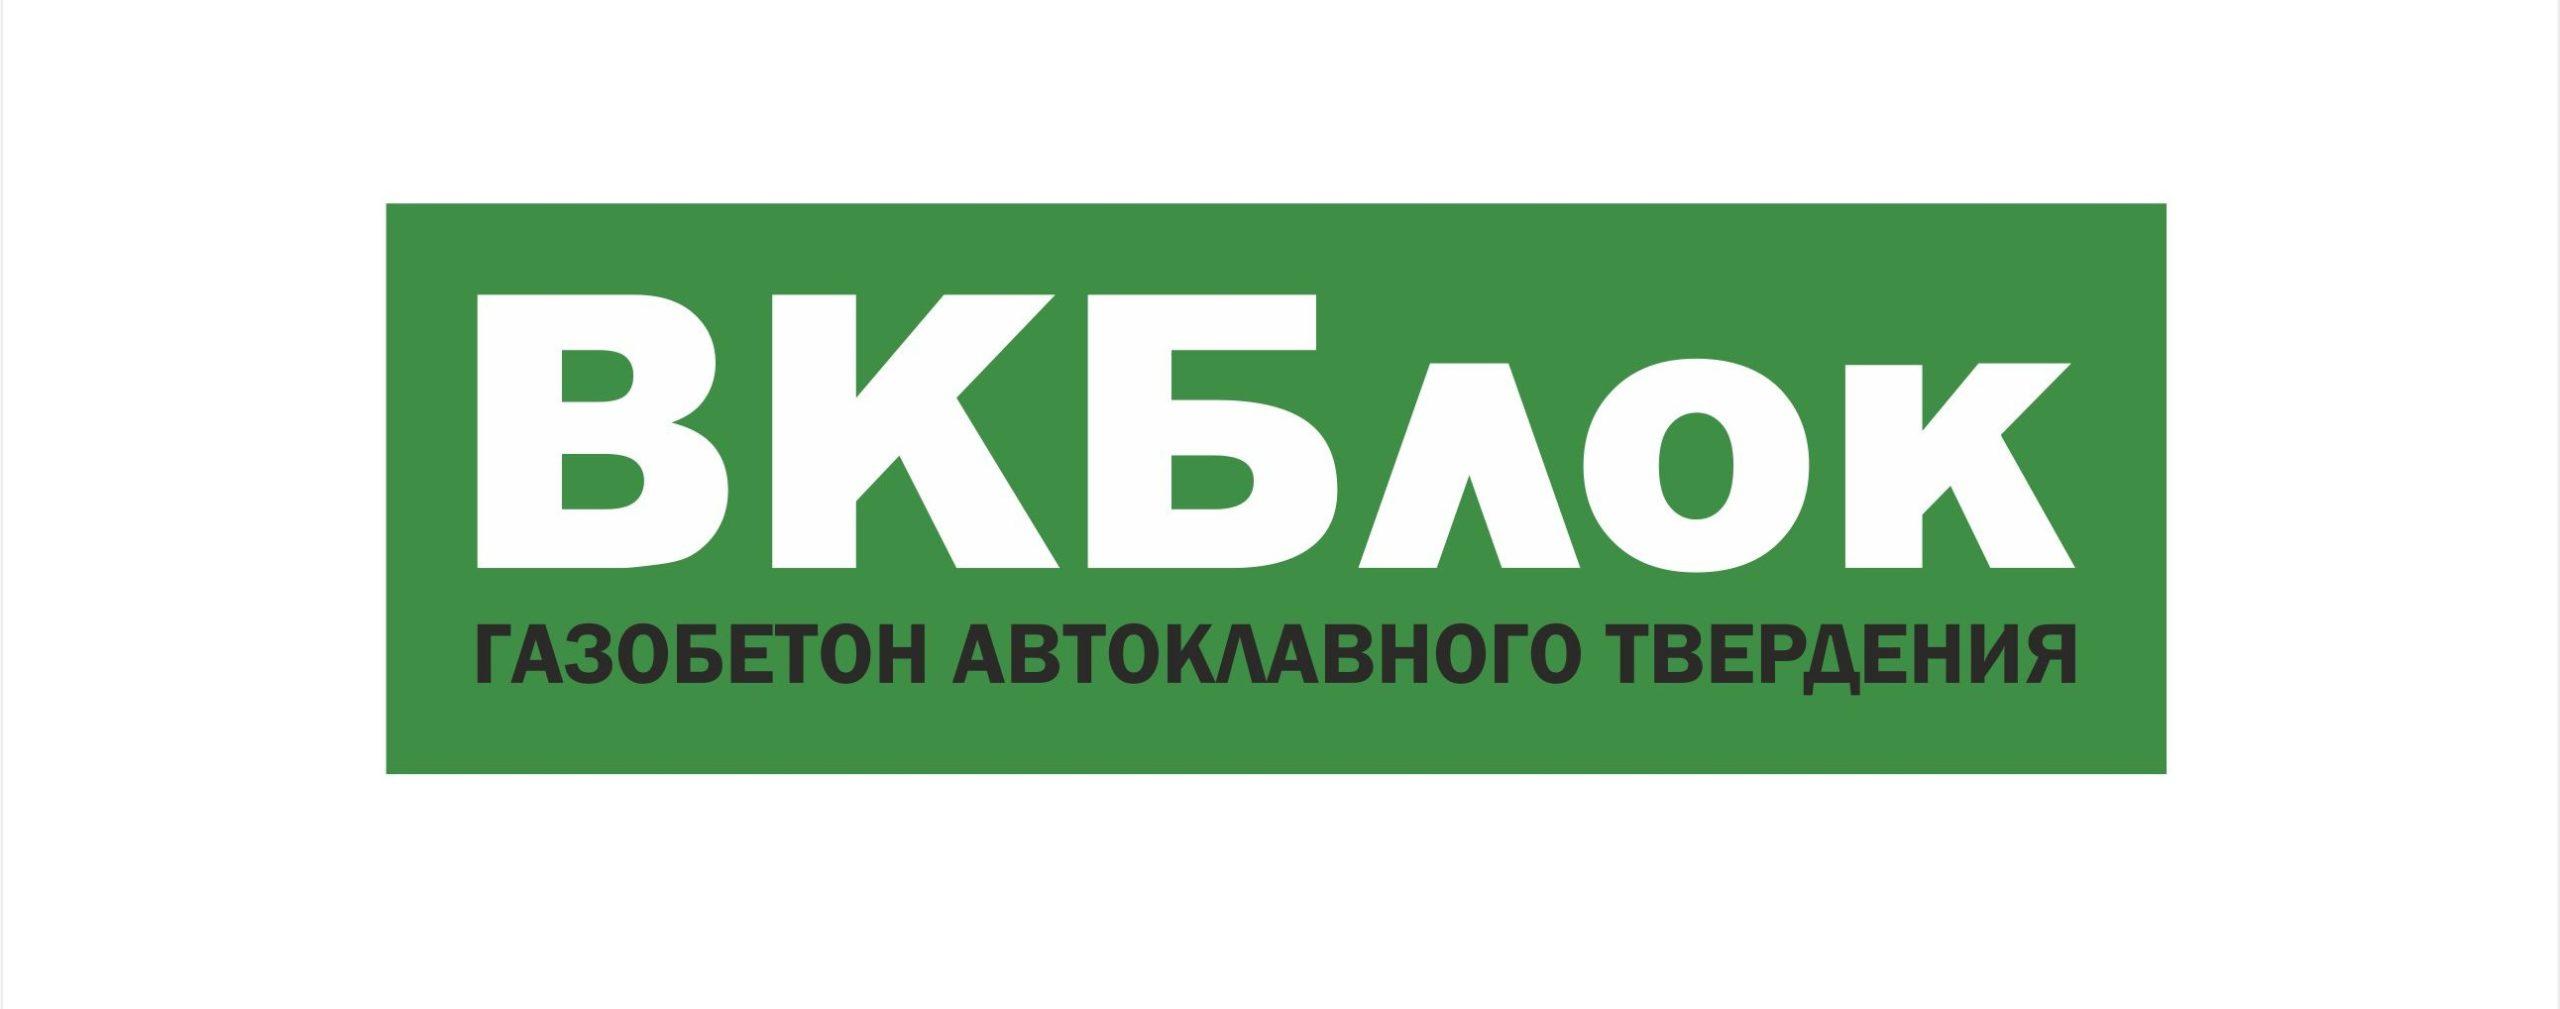 Общество с ограниченной ответственностью «Комбинат стеновых материалов Кубани-Регион», ИНН 2310132392